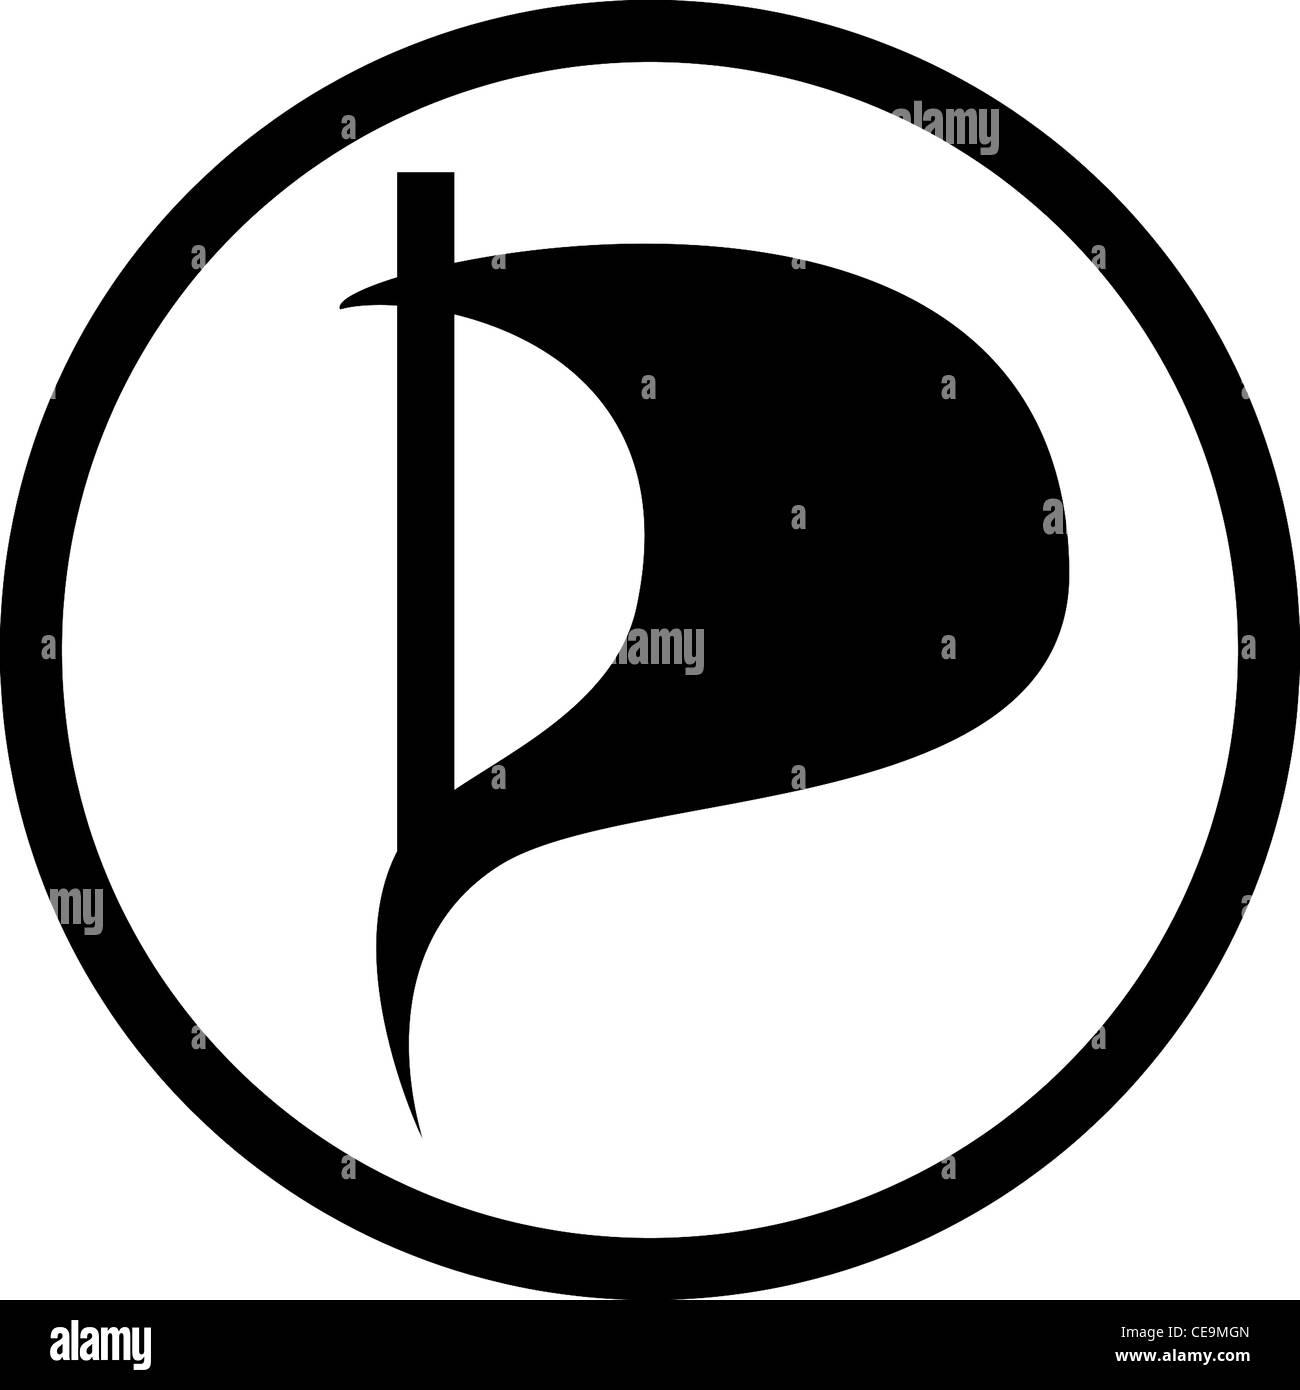 Il logo del partito del pirata di Germania PPD. Immagini Stock